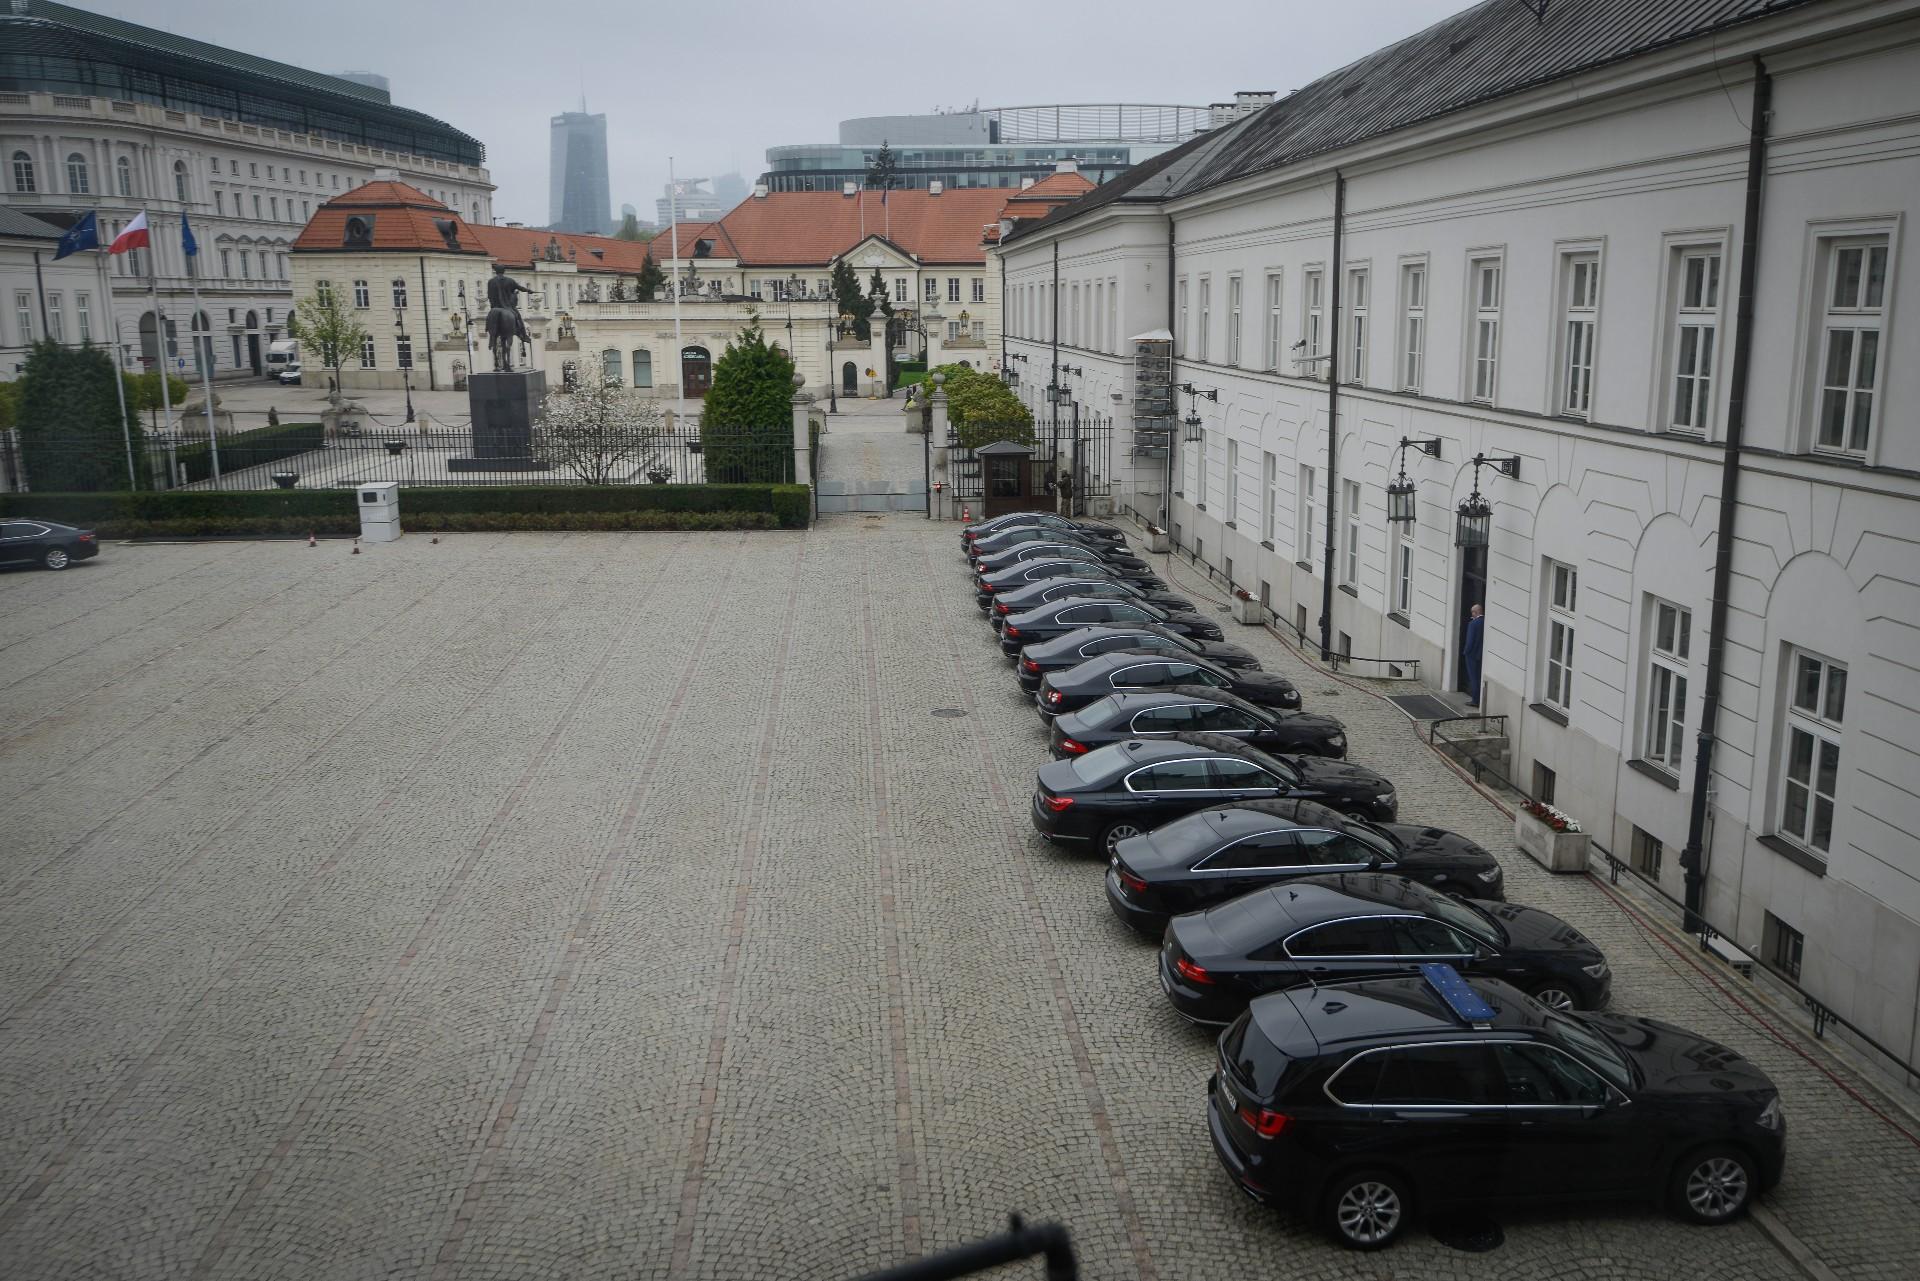 Rząd kupi 308 limuzyn zapieniądze zfunduszu UE dla imigrantów